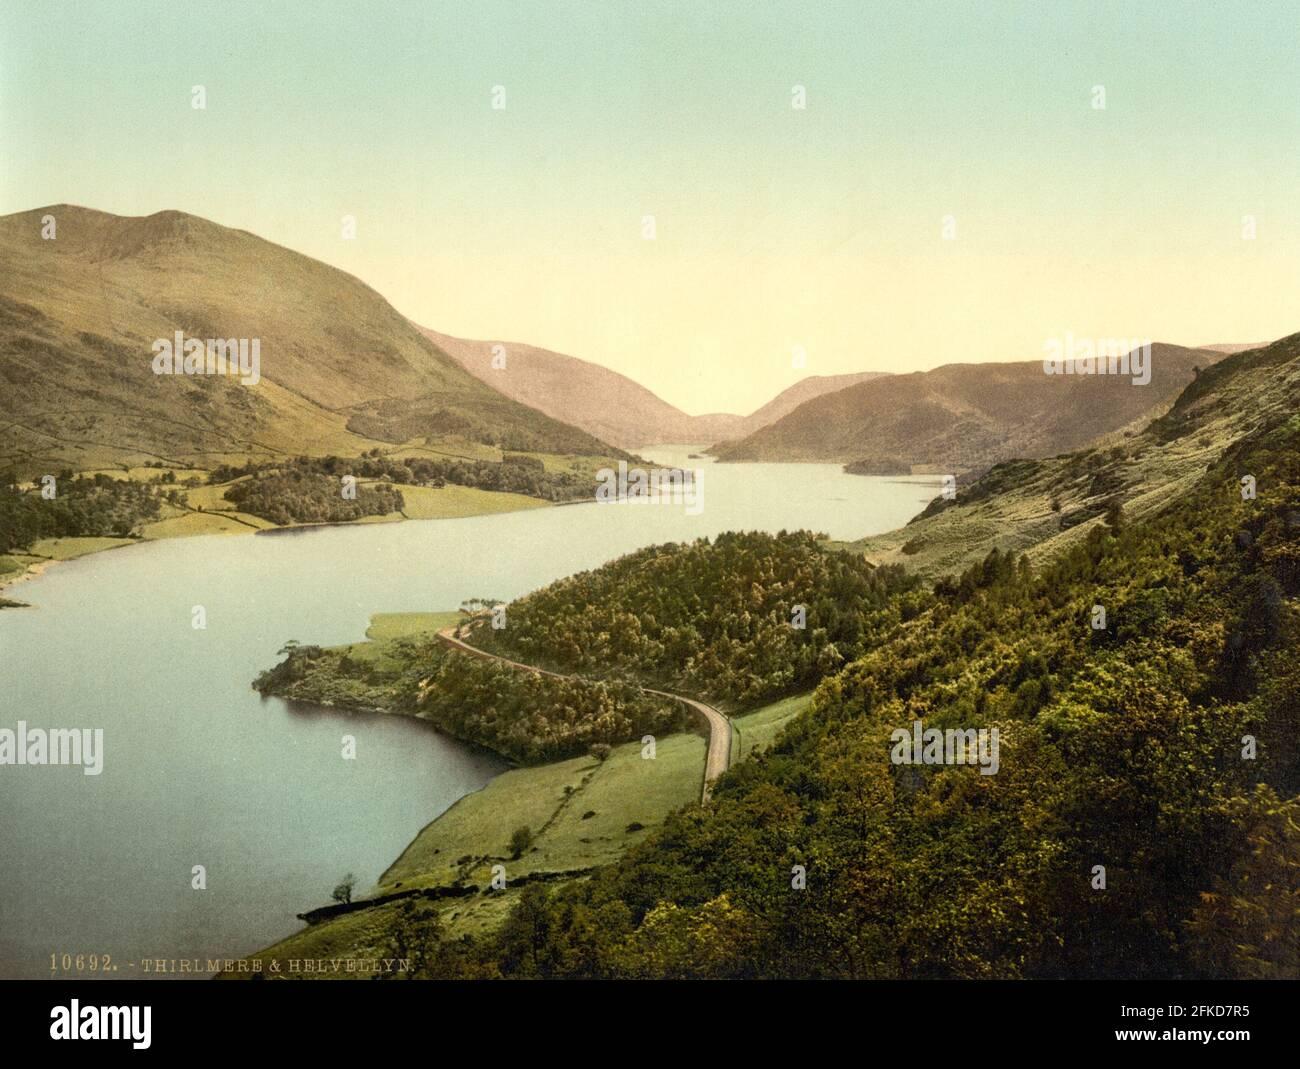 Thirlmere et Hellvellyn dans le Lake District, Cumbria vers 1890-1900 Banque D'Images